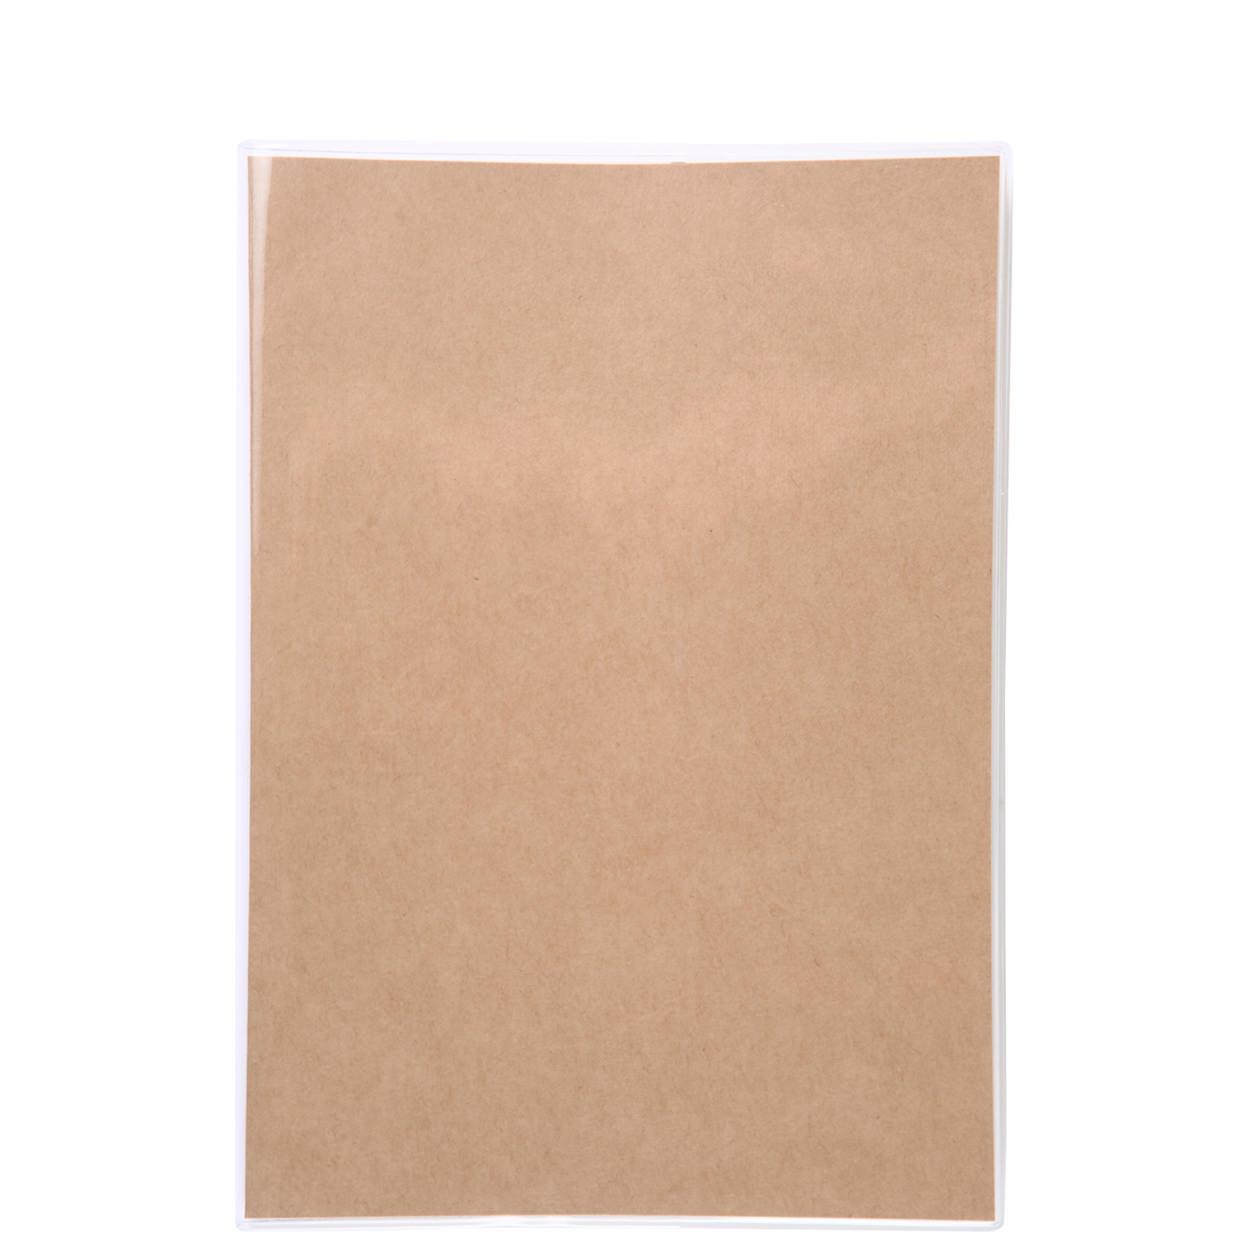 塩化ビニールカバー上質紙フリーマンスリー・ウィークリースケジュール